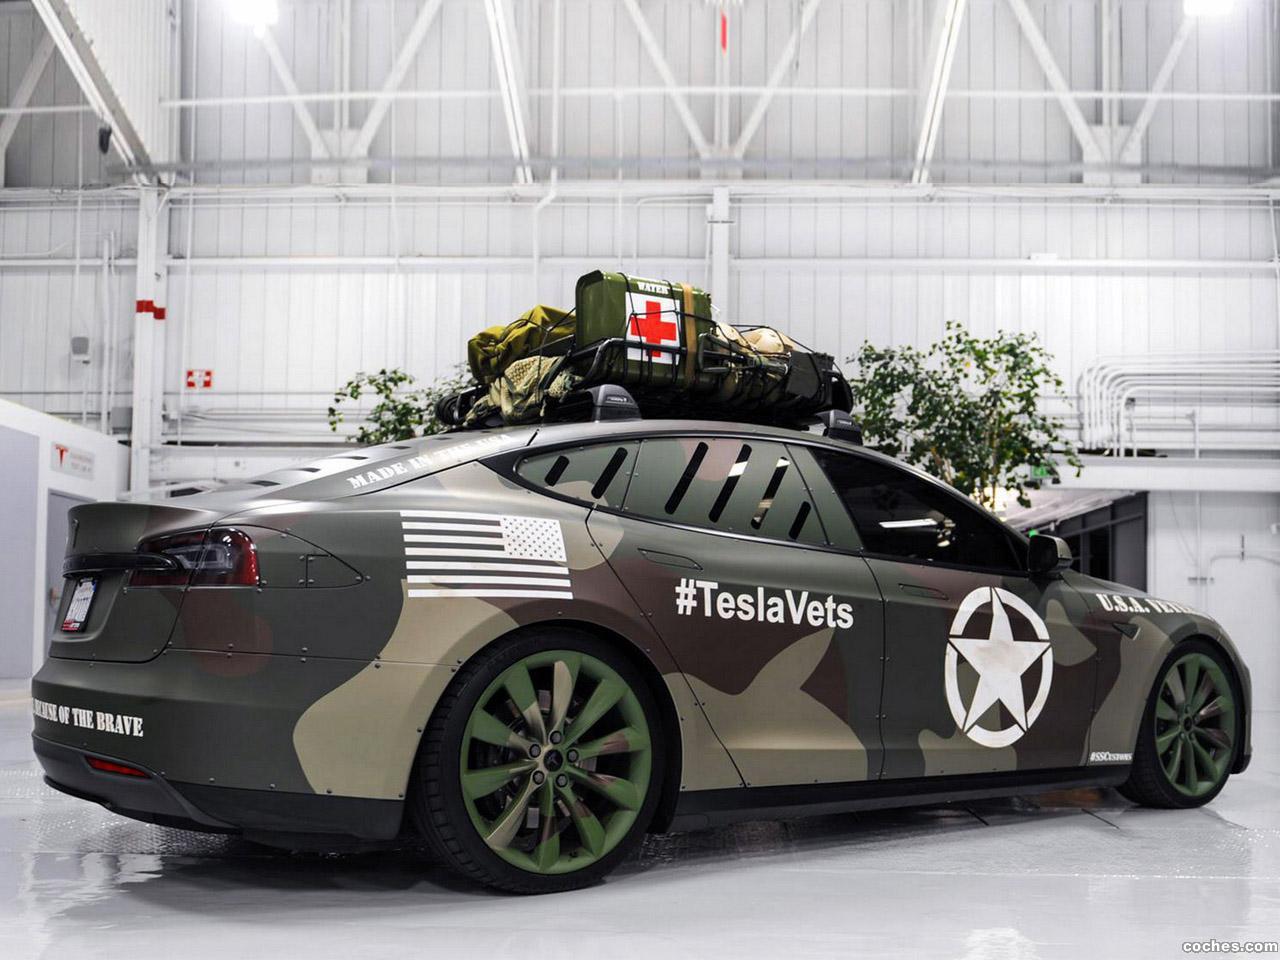 Foto 2 de Tesla Model S vets Project by SS Customs 2014